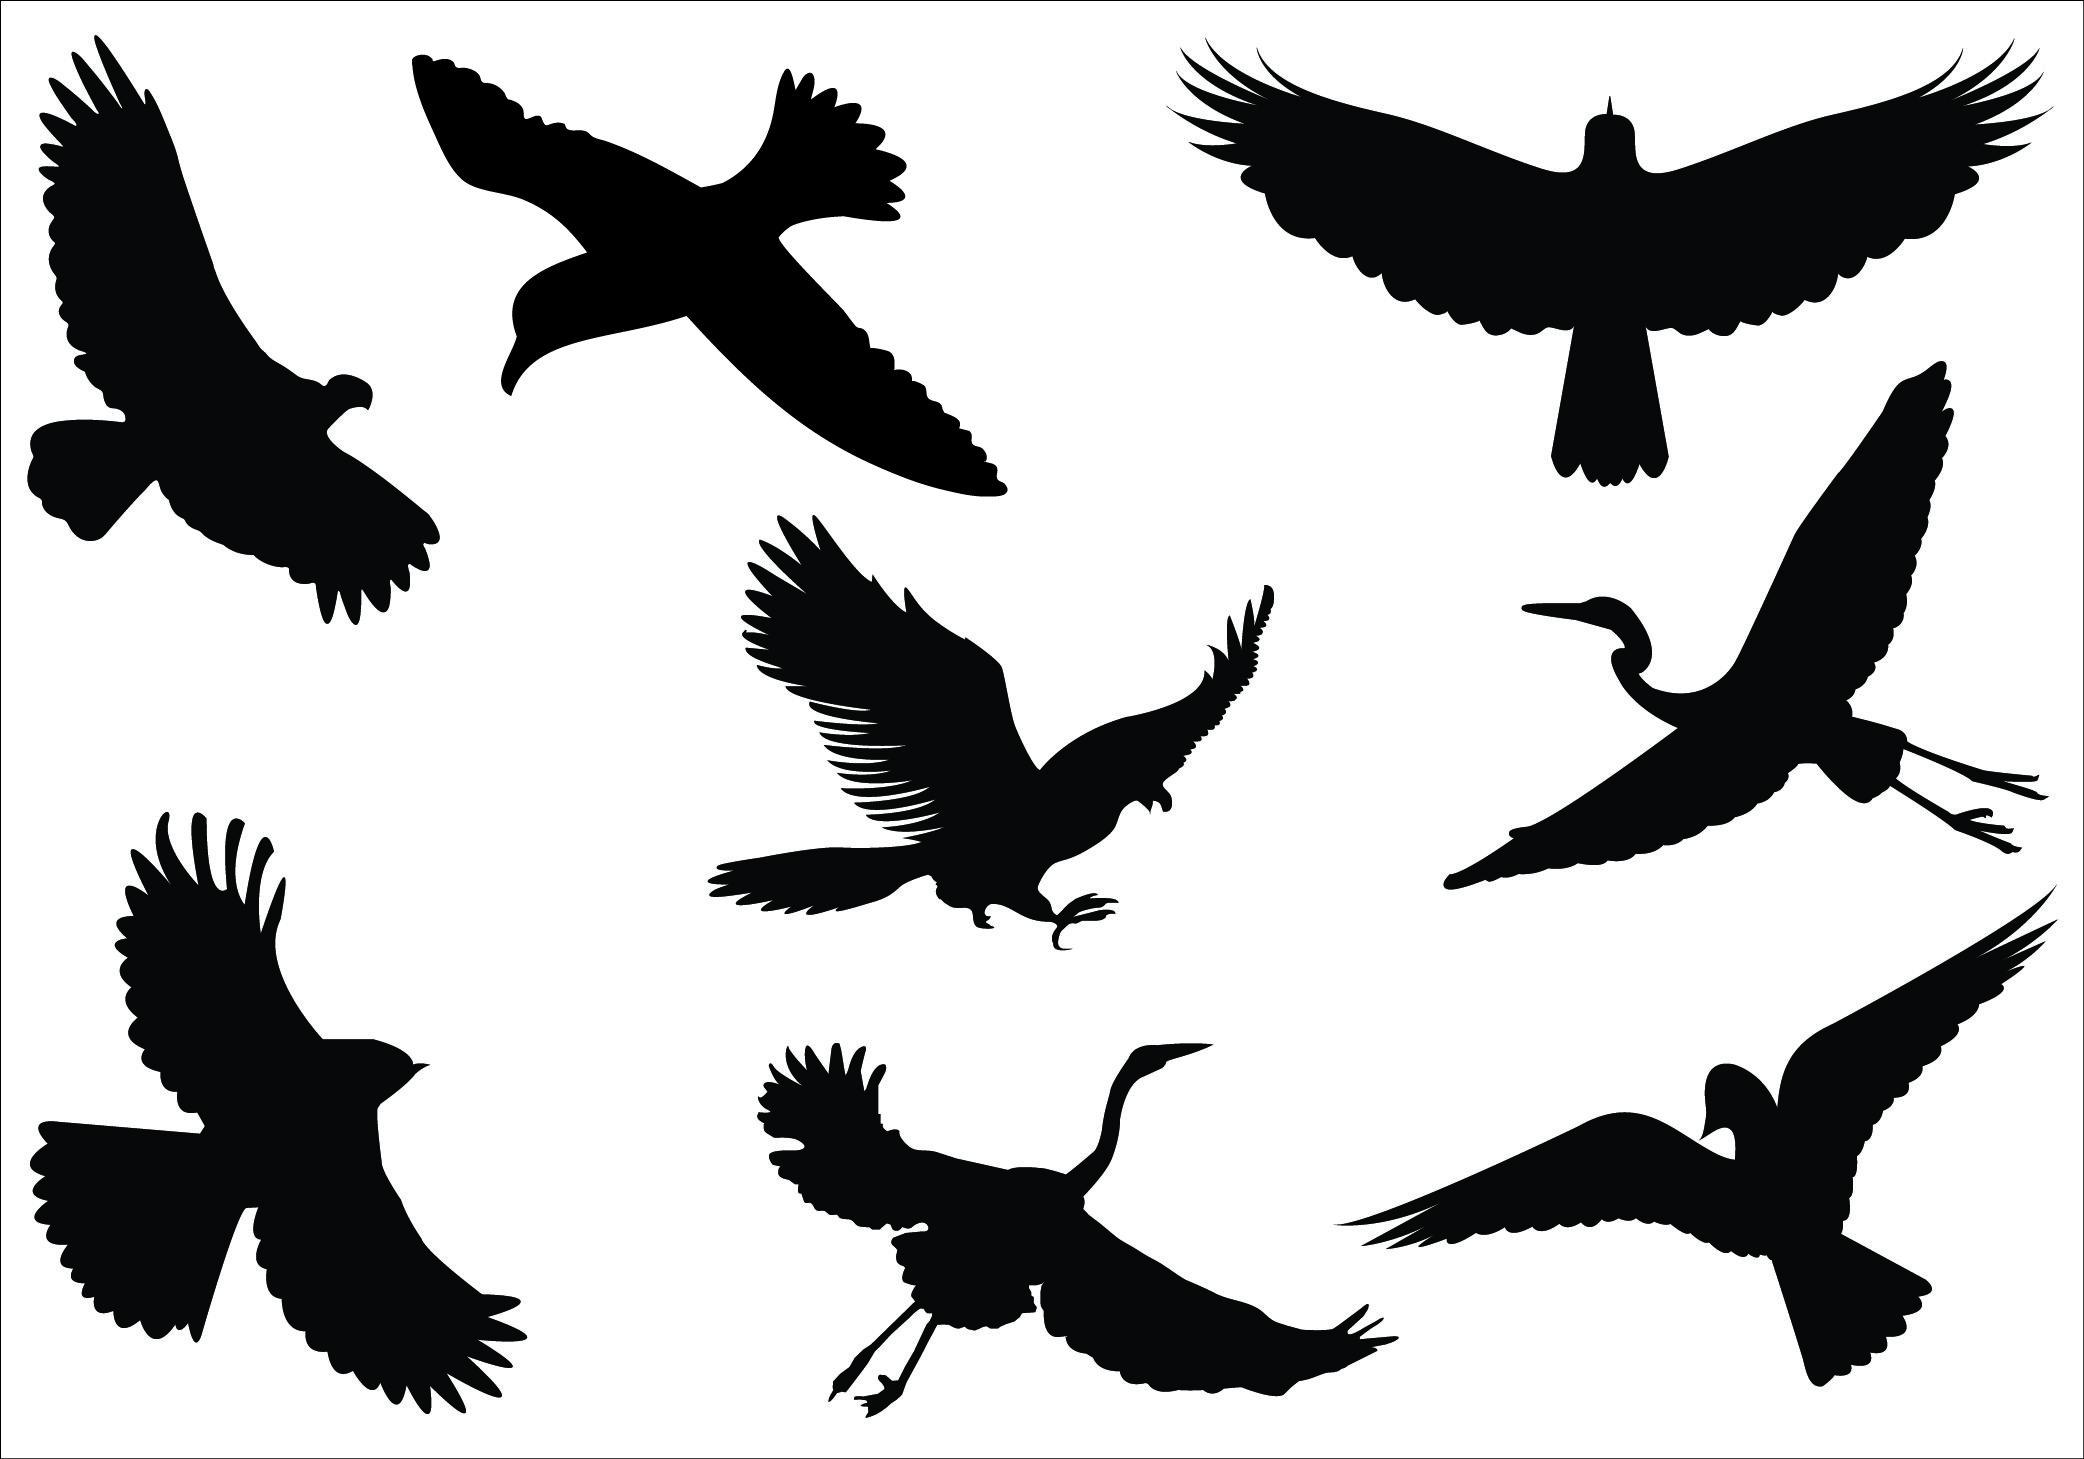 Flying birds clipart image download fly birds clipart - Google 搜尋   ideborde evt osv image download